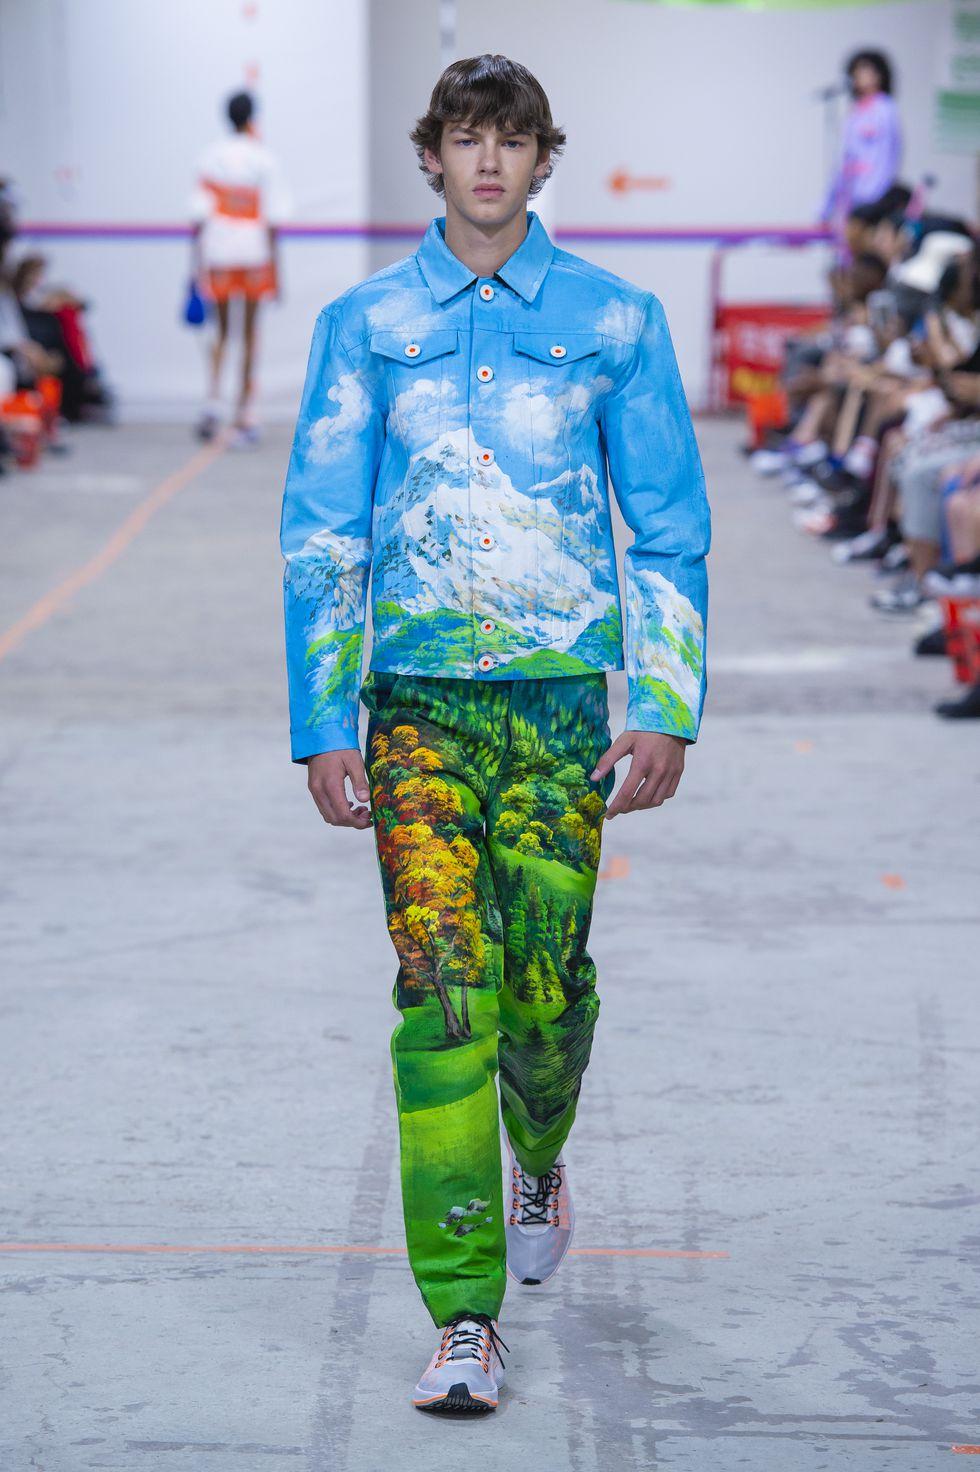 江奕勳在巴黎時裝週發表春夏19系列,將台灣路邊變電箱藝術轉印衣服上。   Photo via Harper's Bazaar